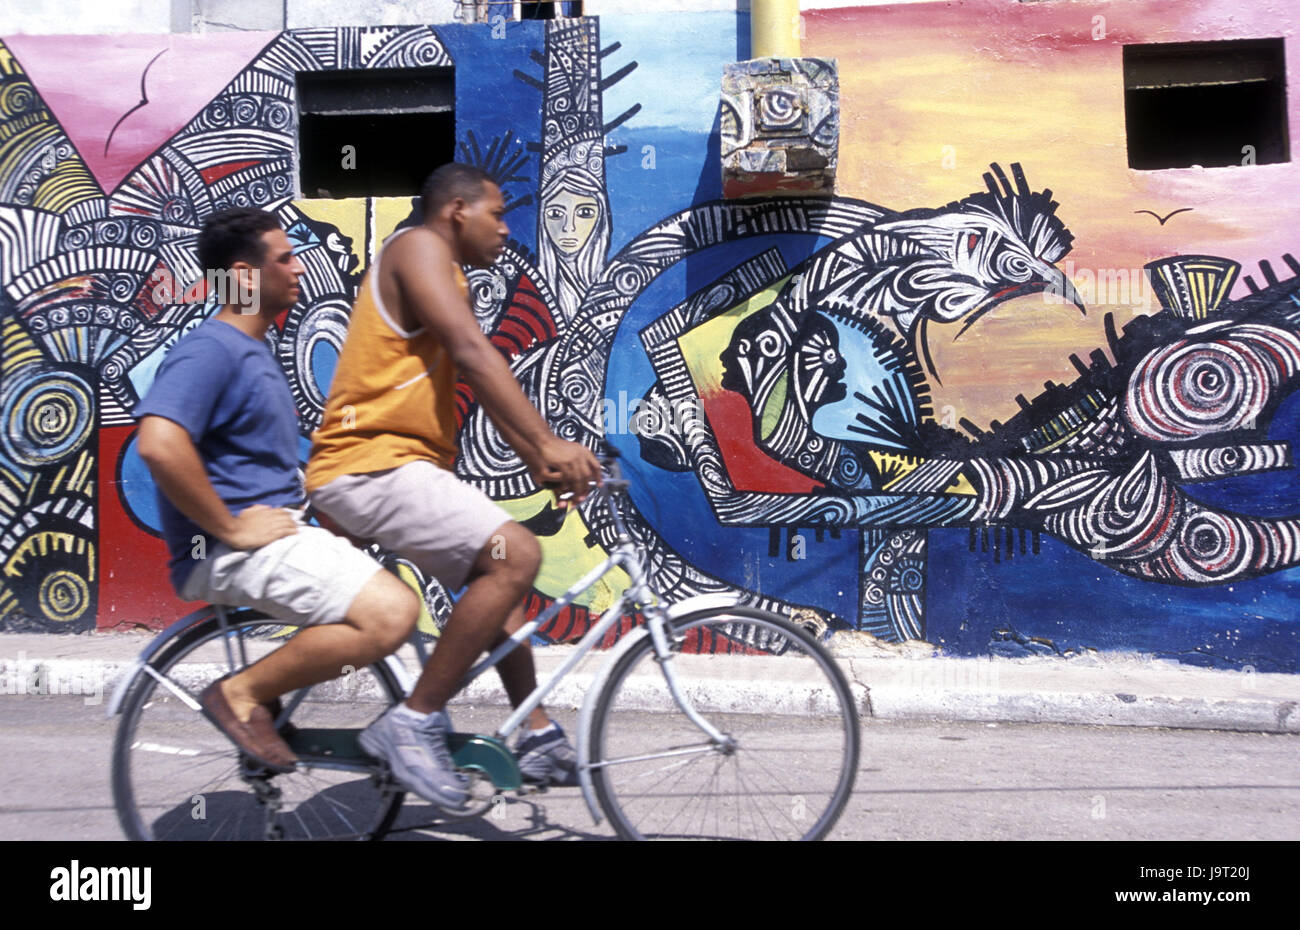 Cuba La Havane,,Callejon de moutons,chambre,façade,Peinture,les cyclistes sur le côté,modèle Photo Stock